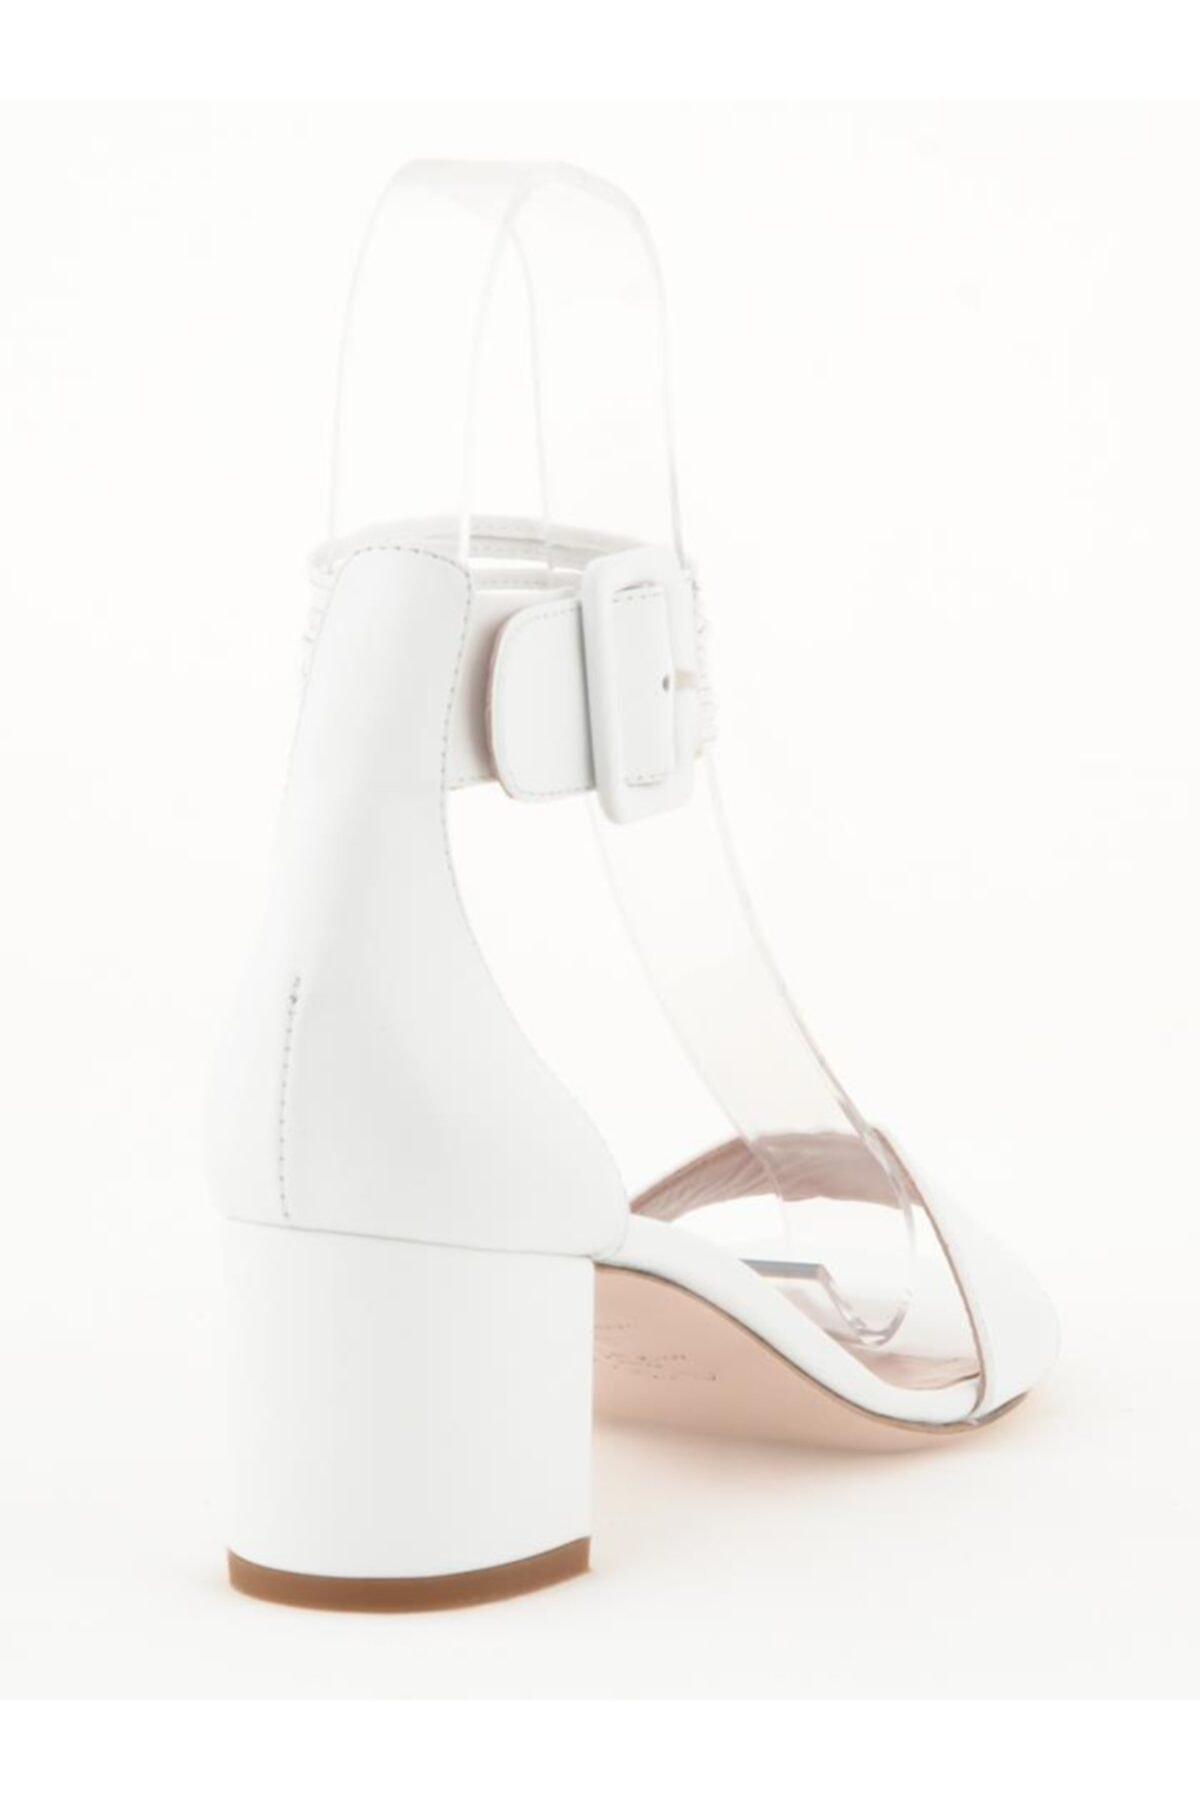 Nursace Hakiki Deri Klasik Topuklu Ayakkabı Nsc19y-a51044 Analın 2